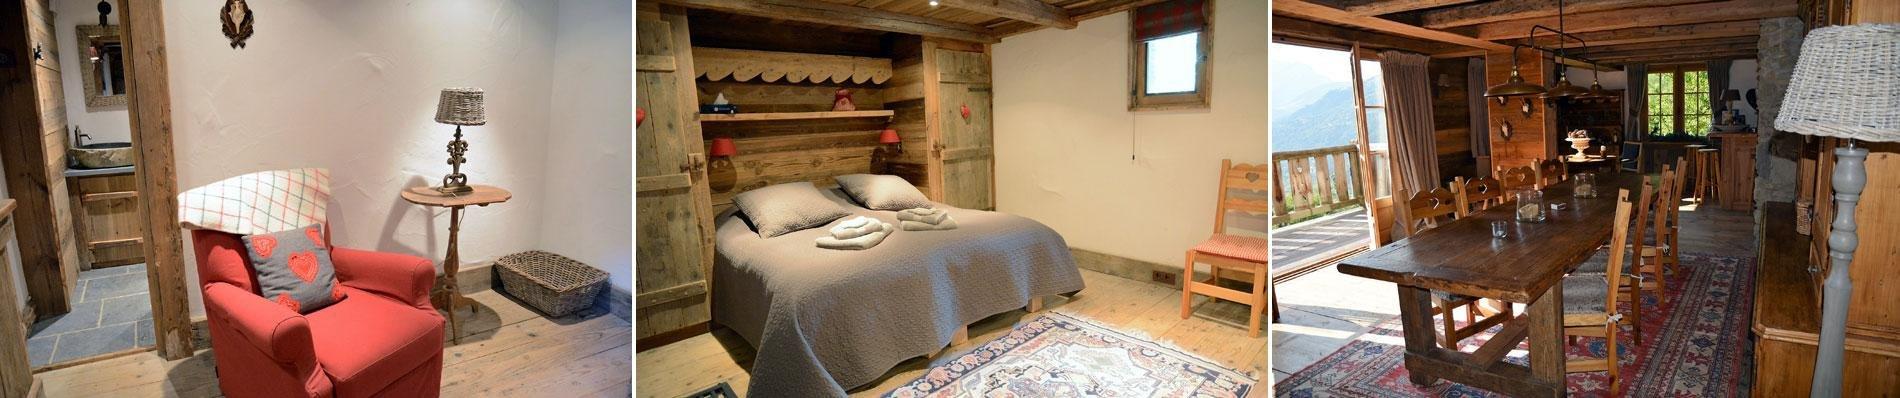 sainte foy chalet luxe ski frankrijk wintersport